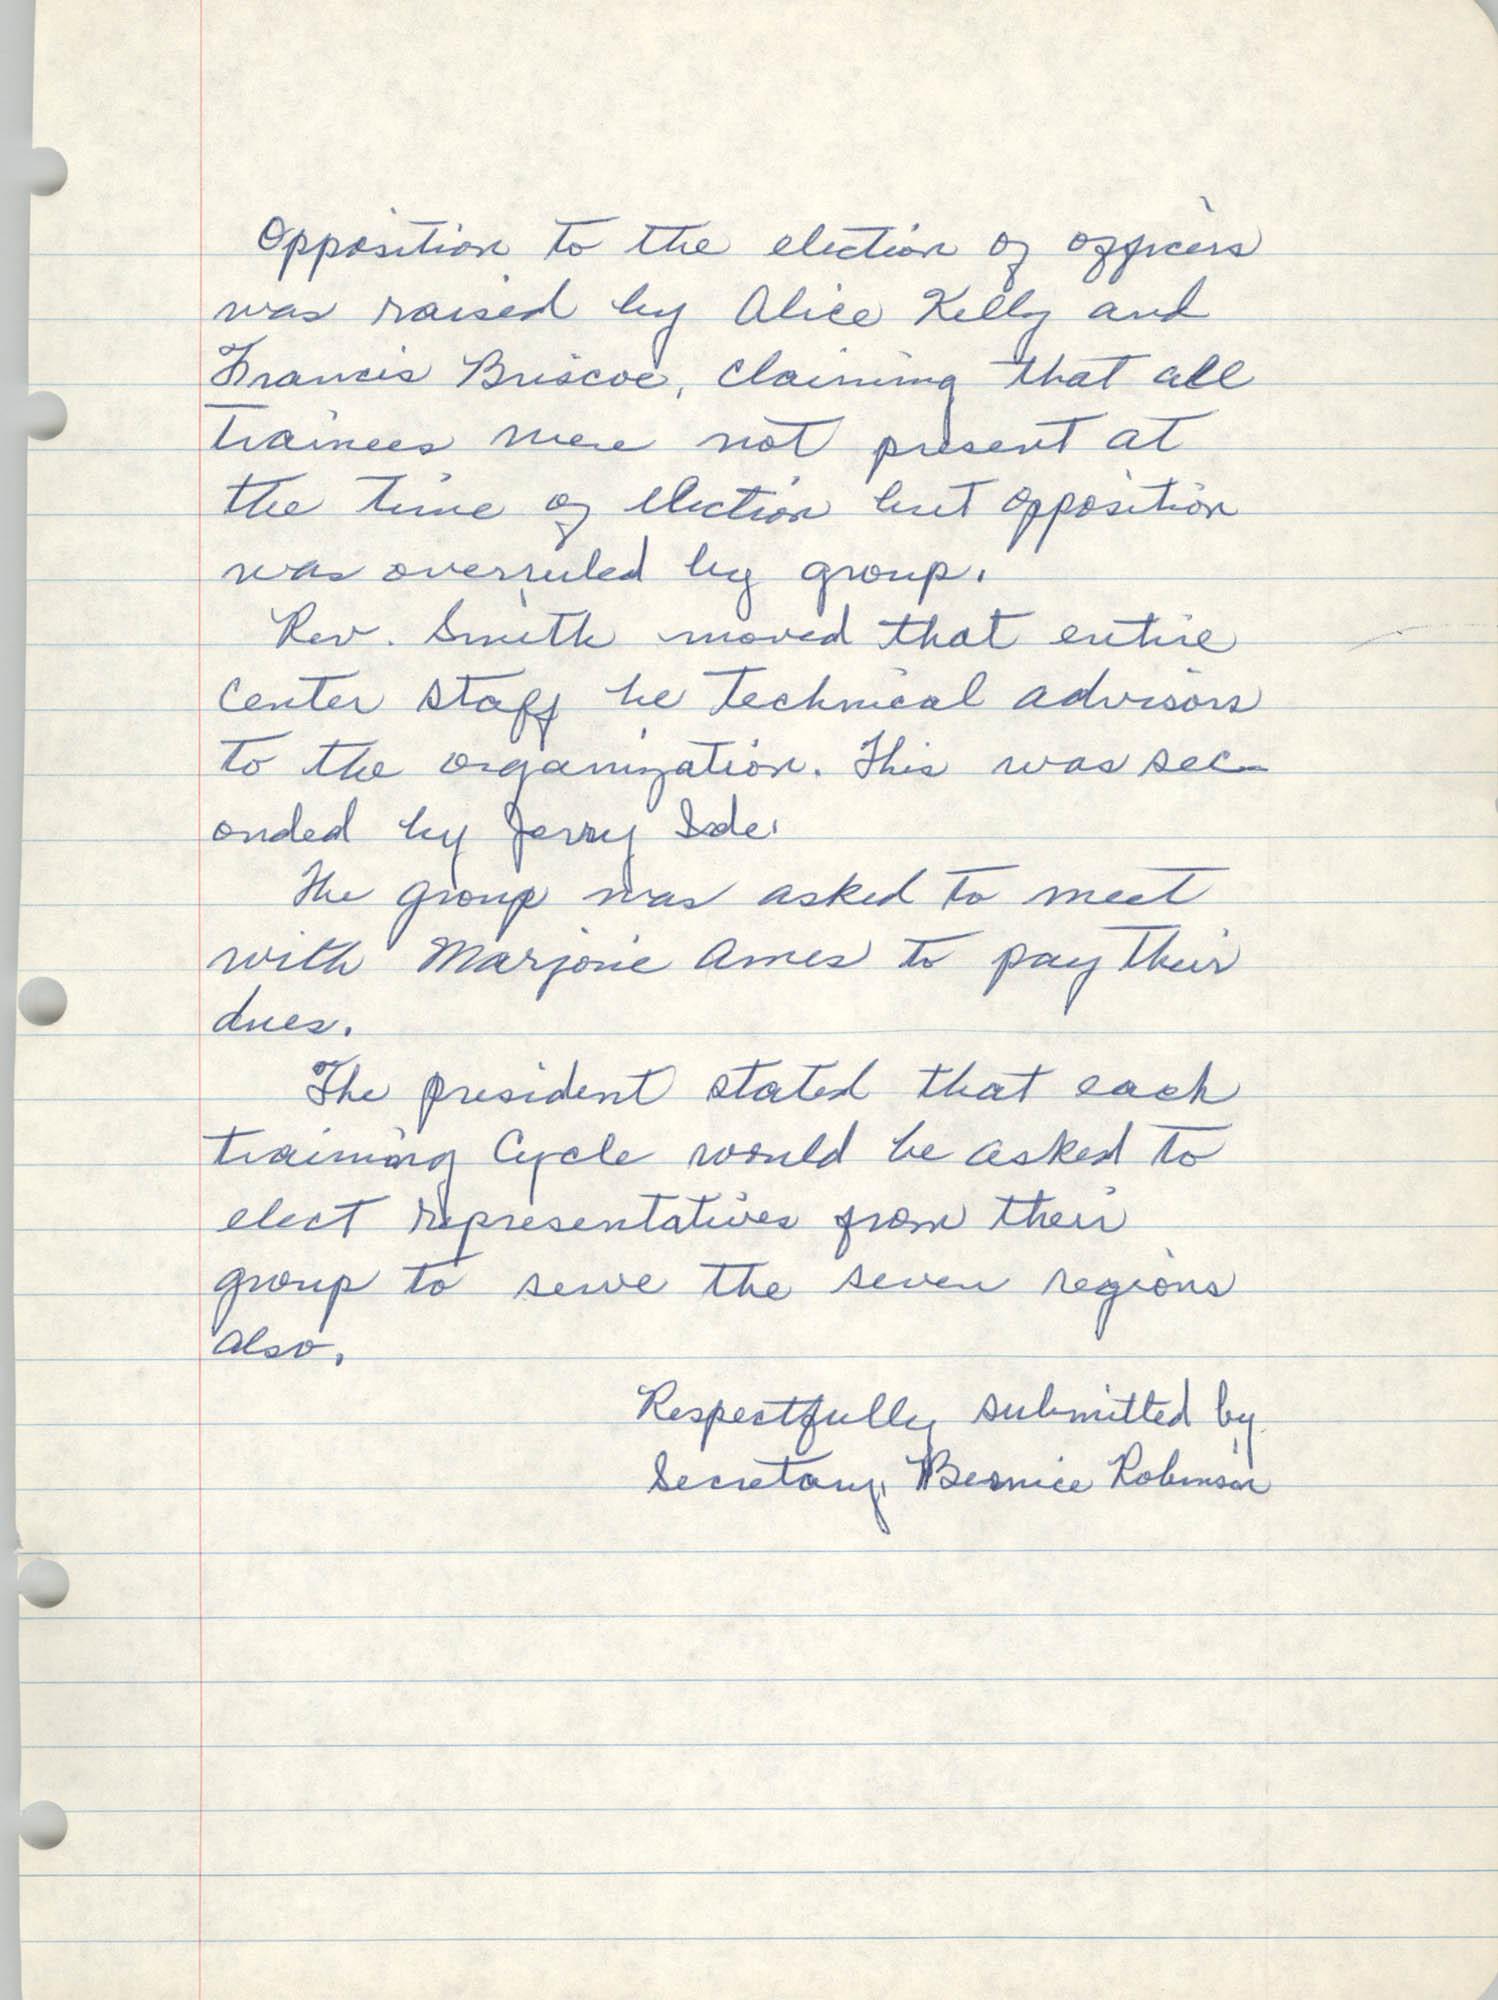 Community Action Technicians Alumni Association Notes, Page 4